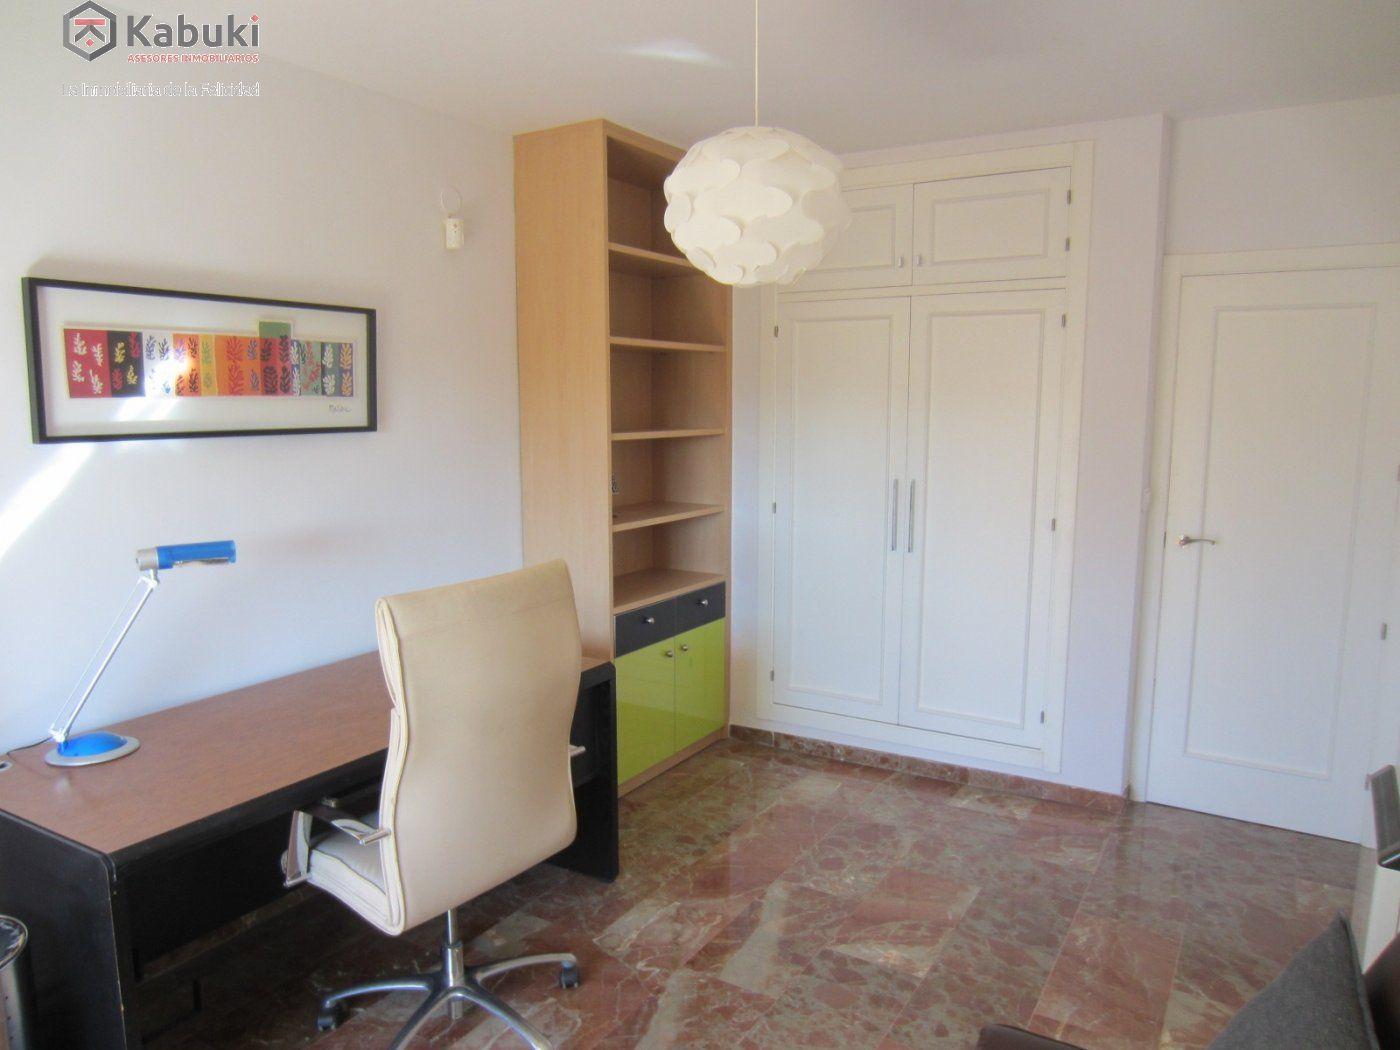 Ático con vistas despejadas en zona residencial, 3 dormitorios, inmejorables calidades - imagenInmueble8